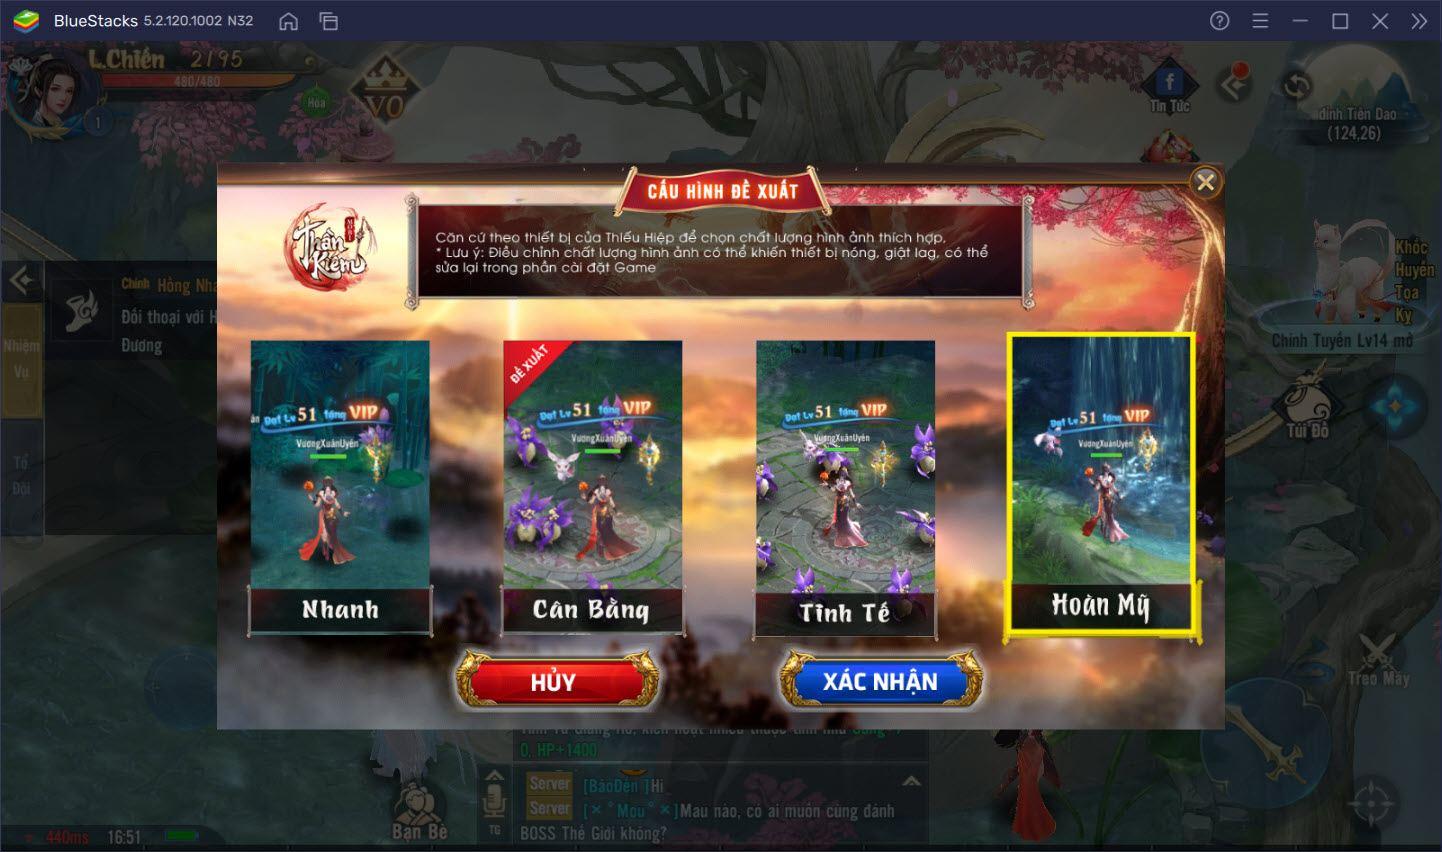 Tham gia Thần Ma phân tranh trong Thần Kiếm Mobile trên PC